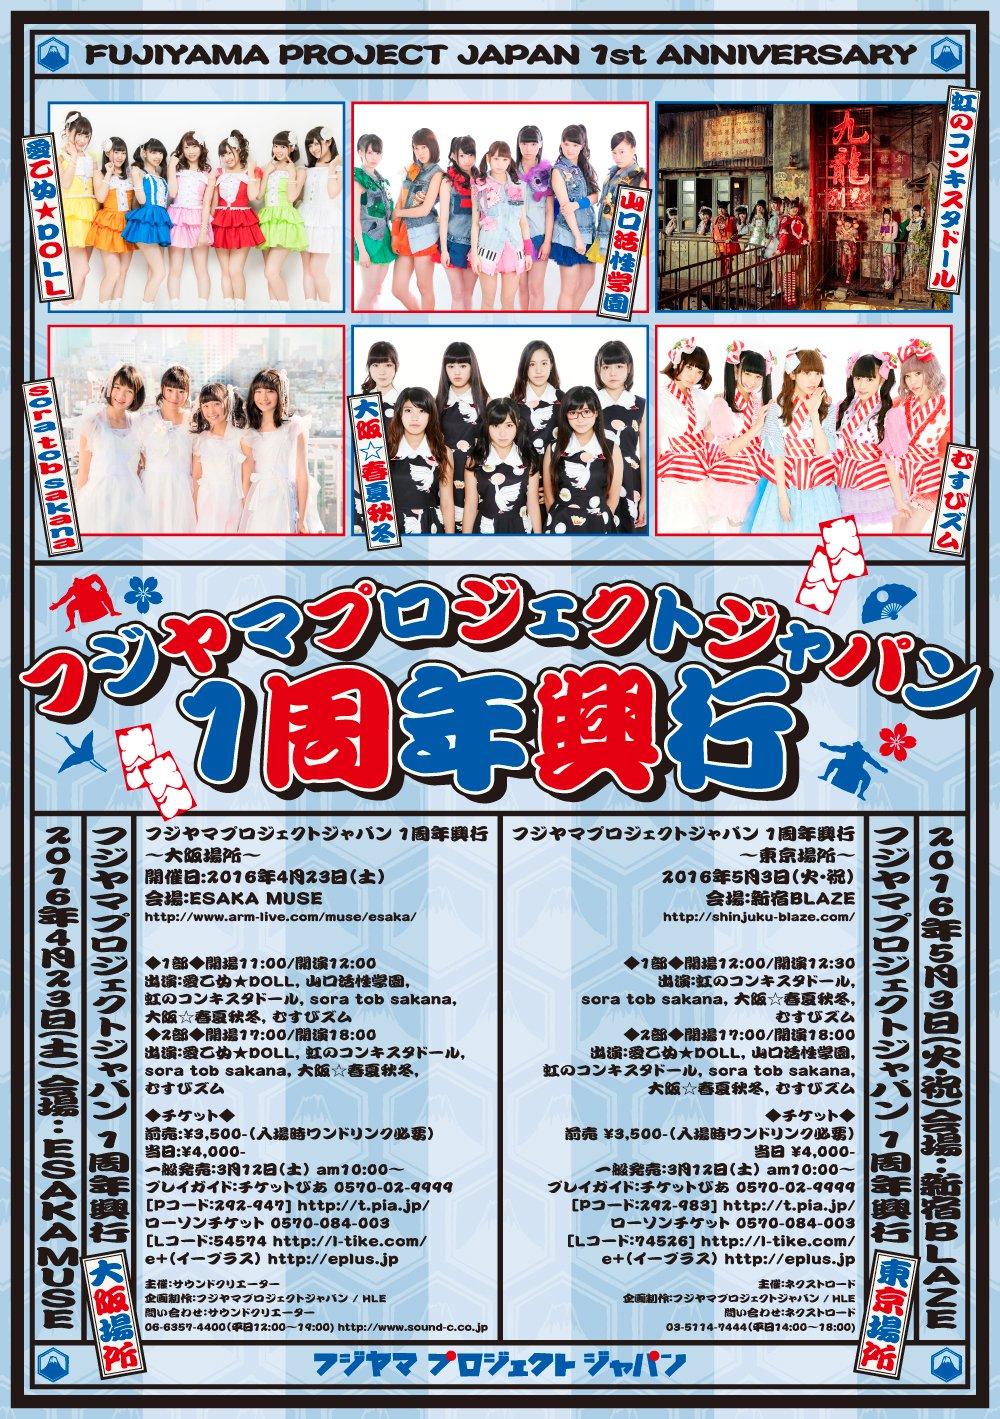 「フジヤマプロジェクトジャパン」が一周年イベントを開催